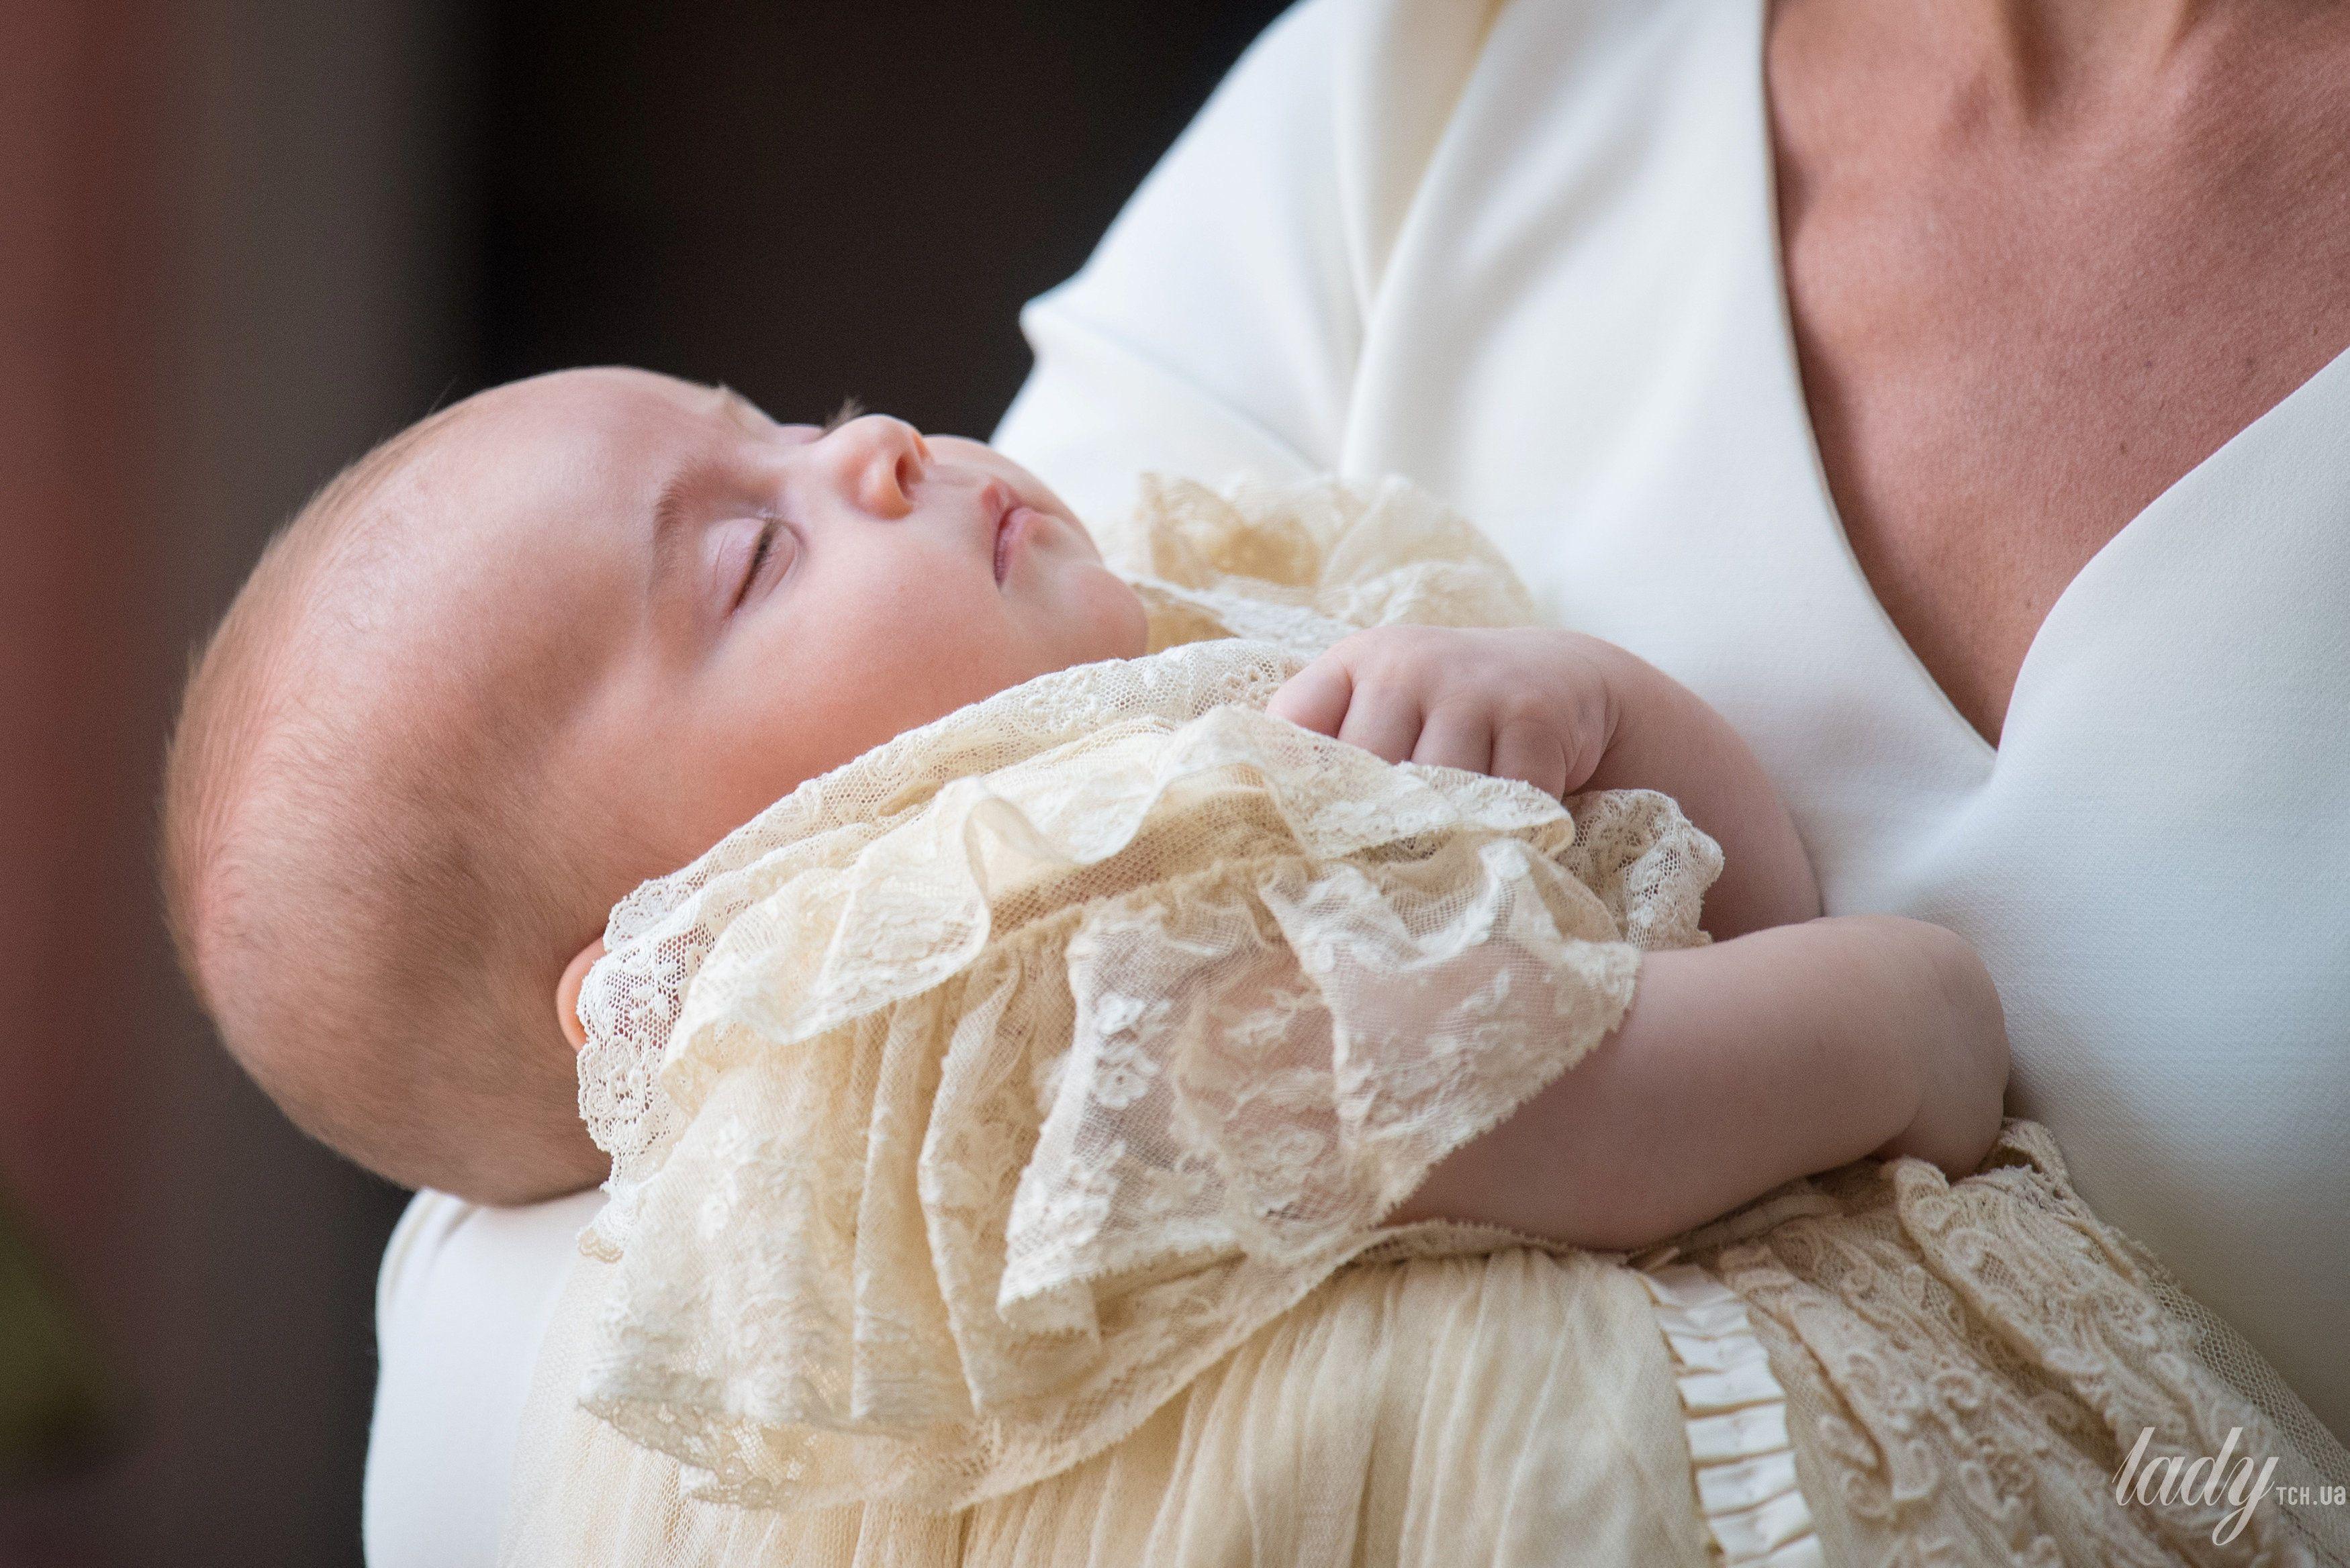 Герцогиня Кембриджская с принцем Луи_2